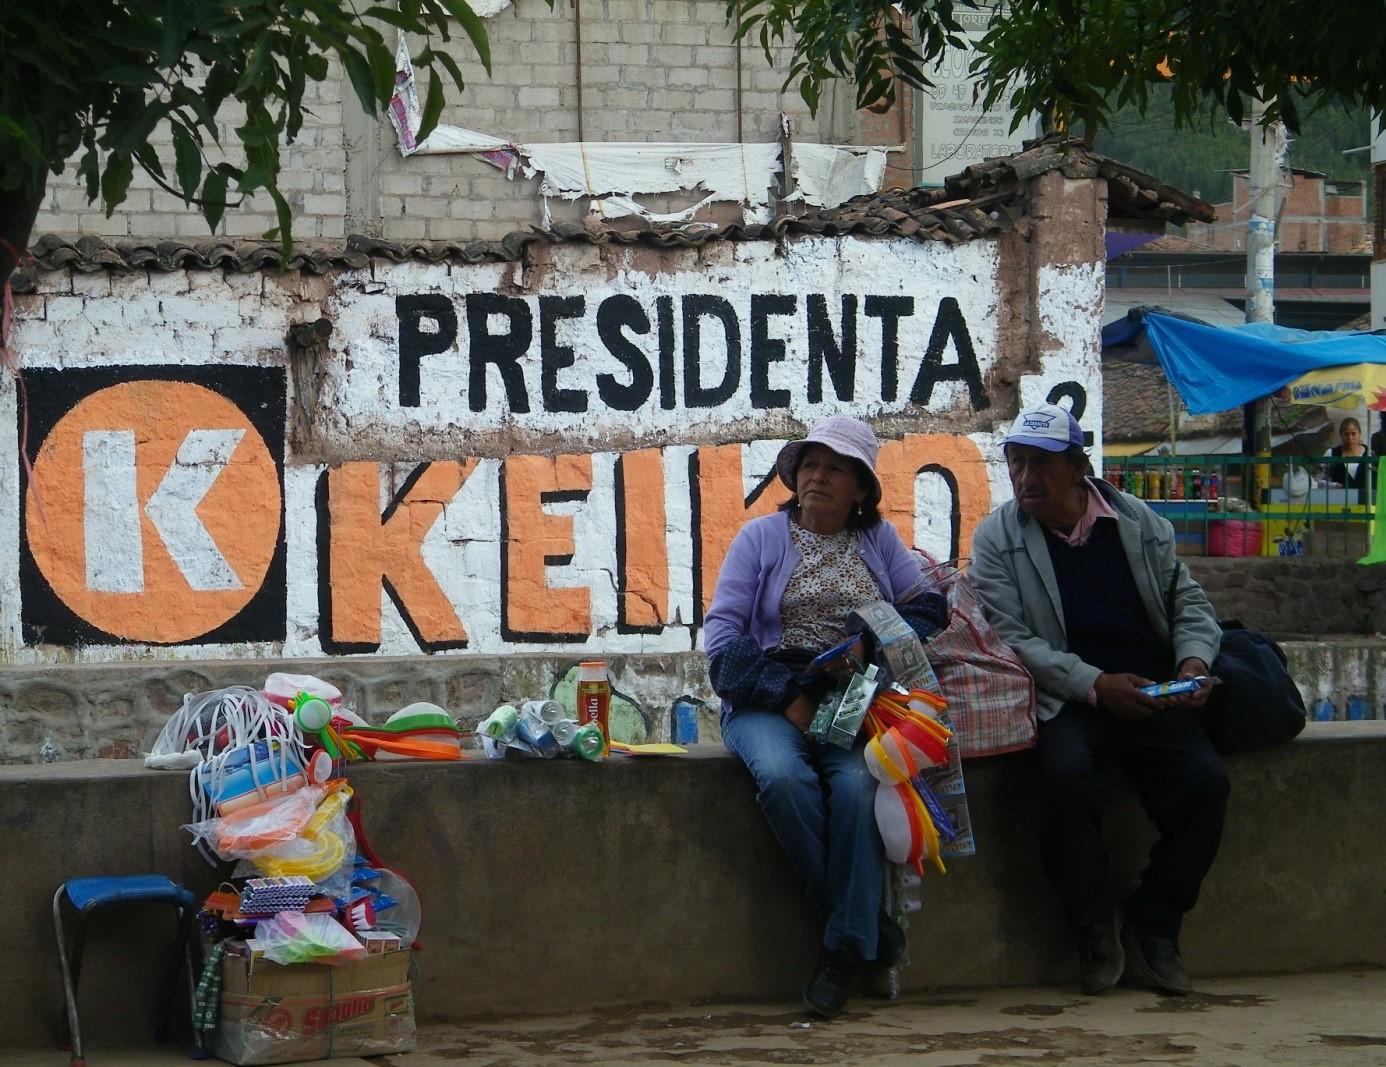 Les élections présidentielles s'invitent dans les rues d'Izcuchaca, région de Cusco. - Crédit photo : Corinne Duquesne